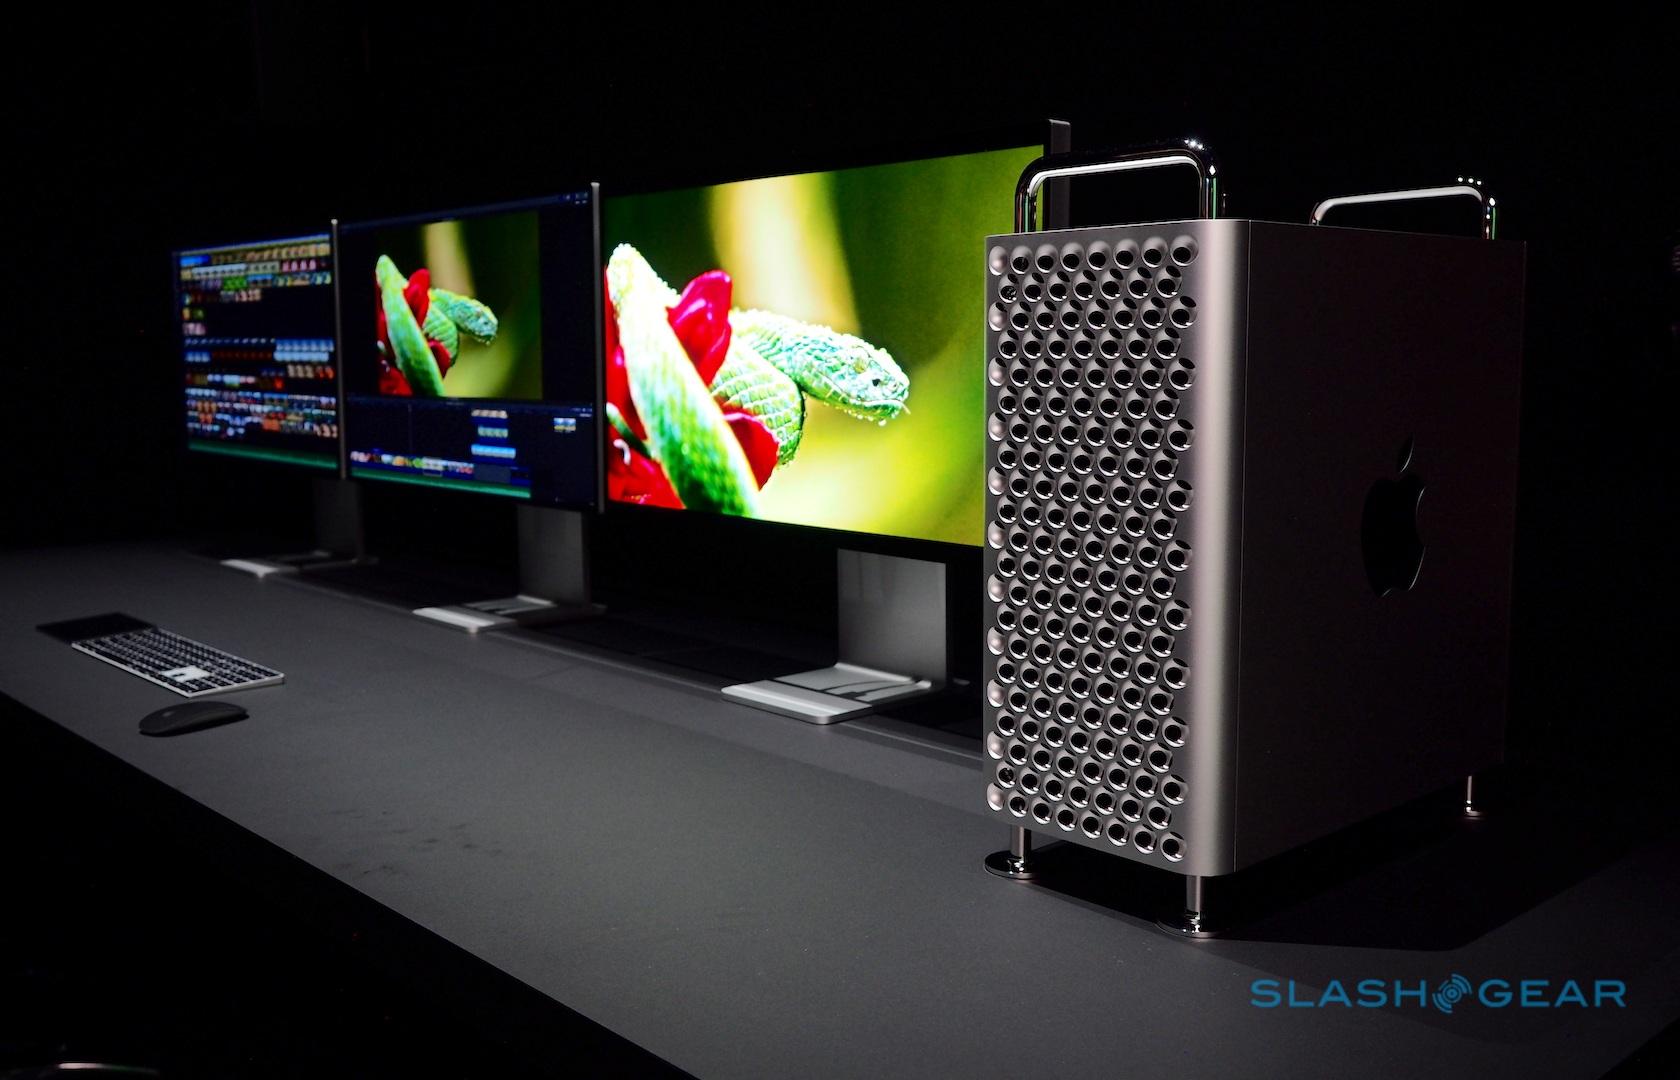 Apple Mac Pro 2019 Gallery Slashgear